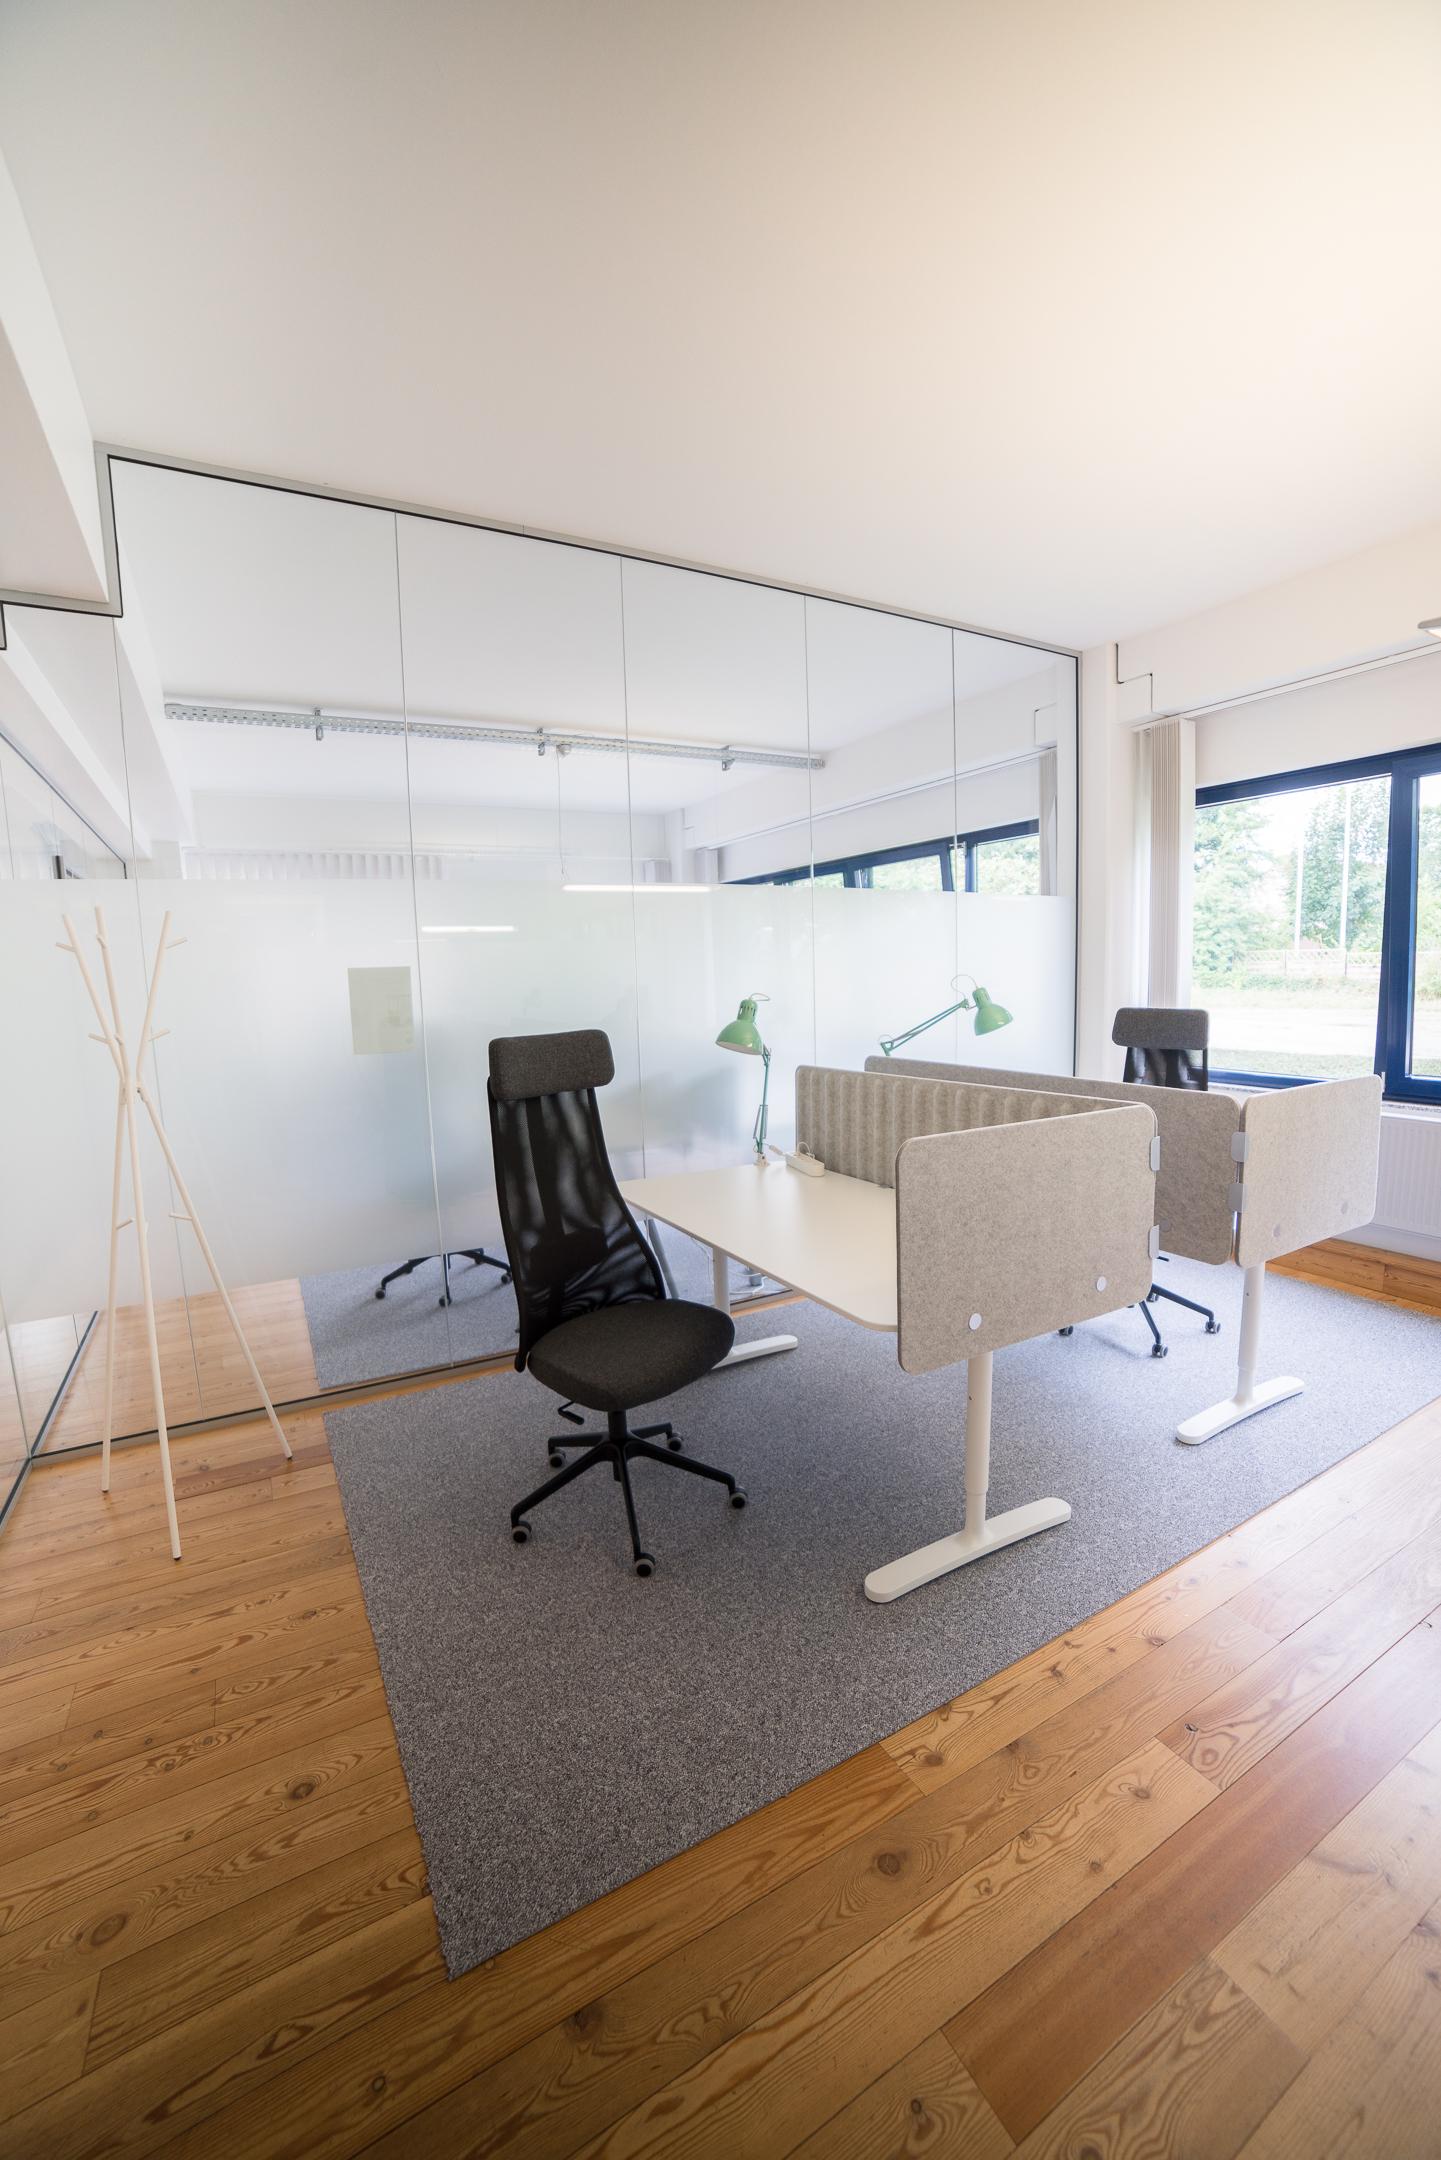 Projektbüro oder Büro für Firmen auf Zeit in Ahrensburg_Coworking-Space Work Kontor